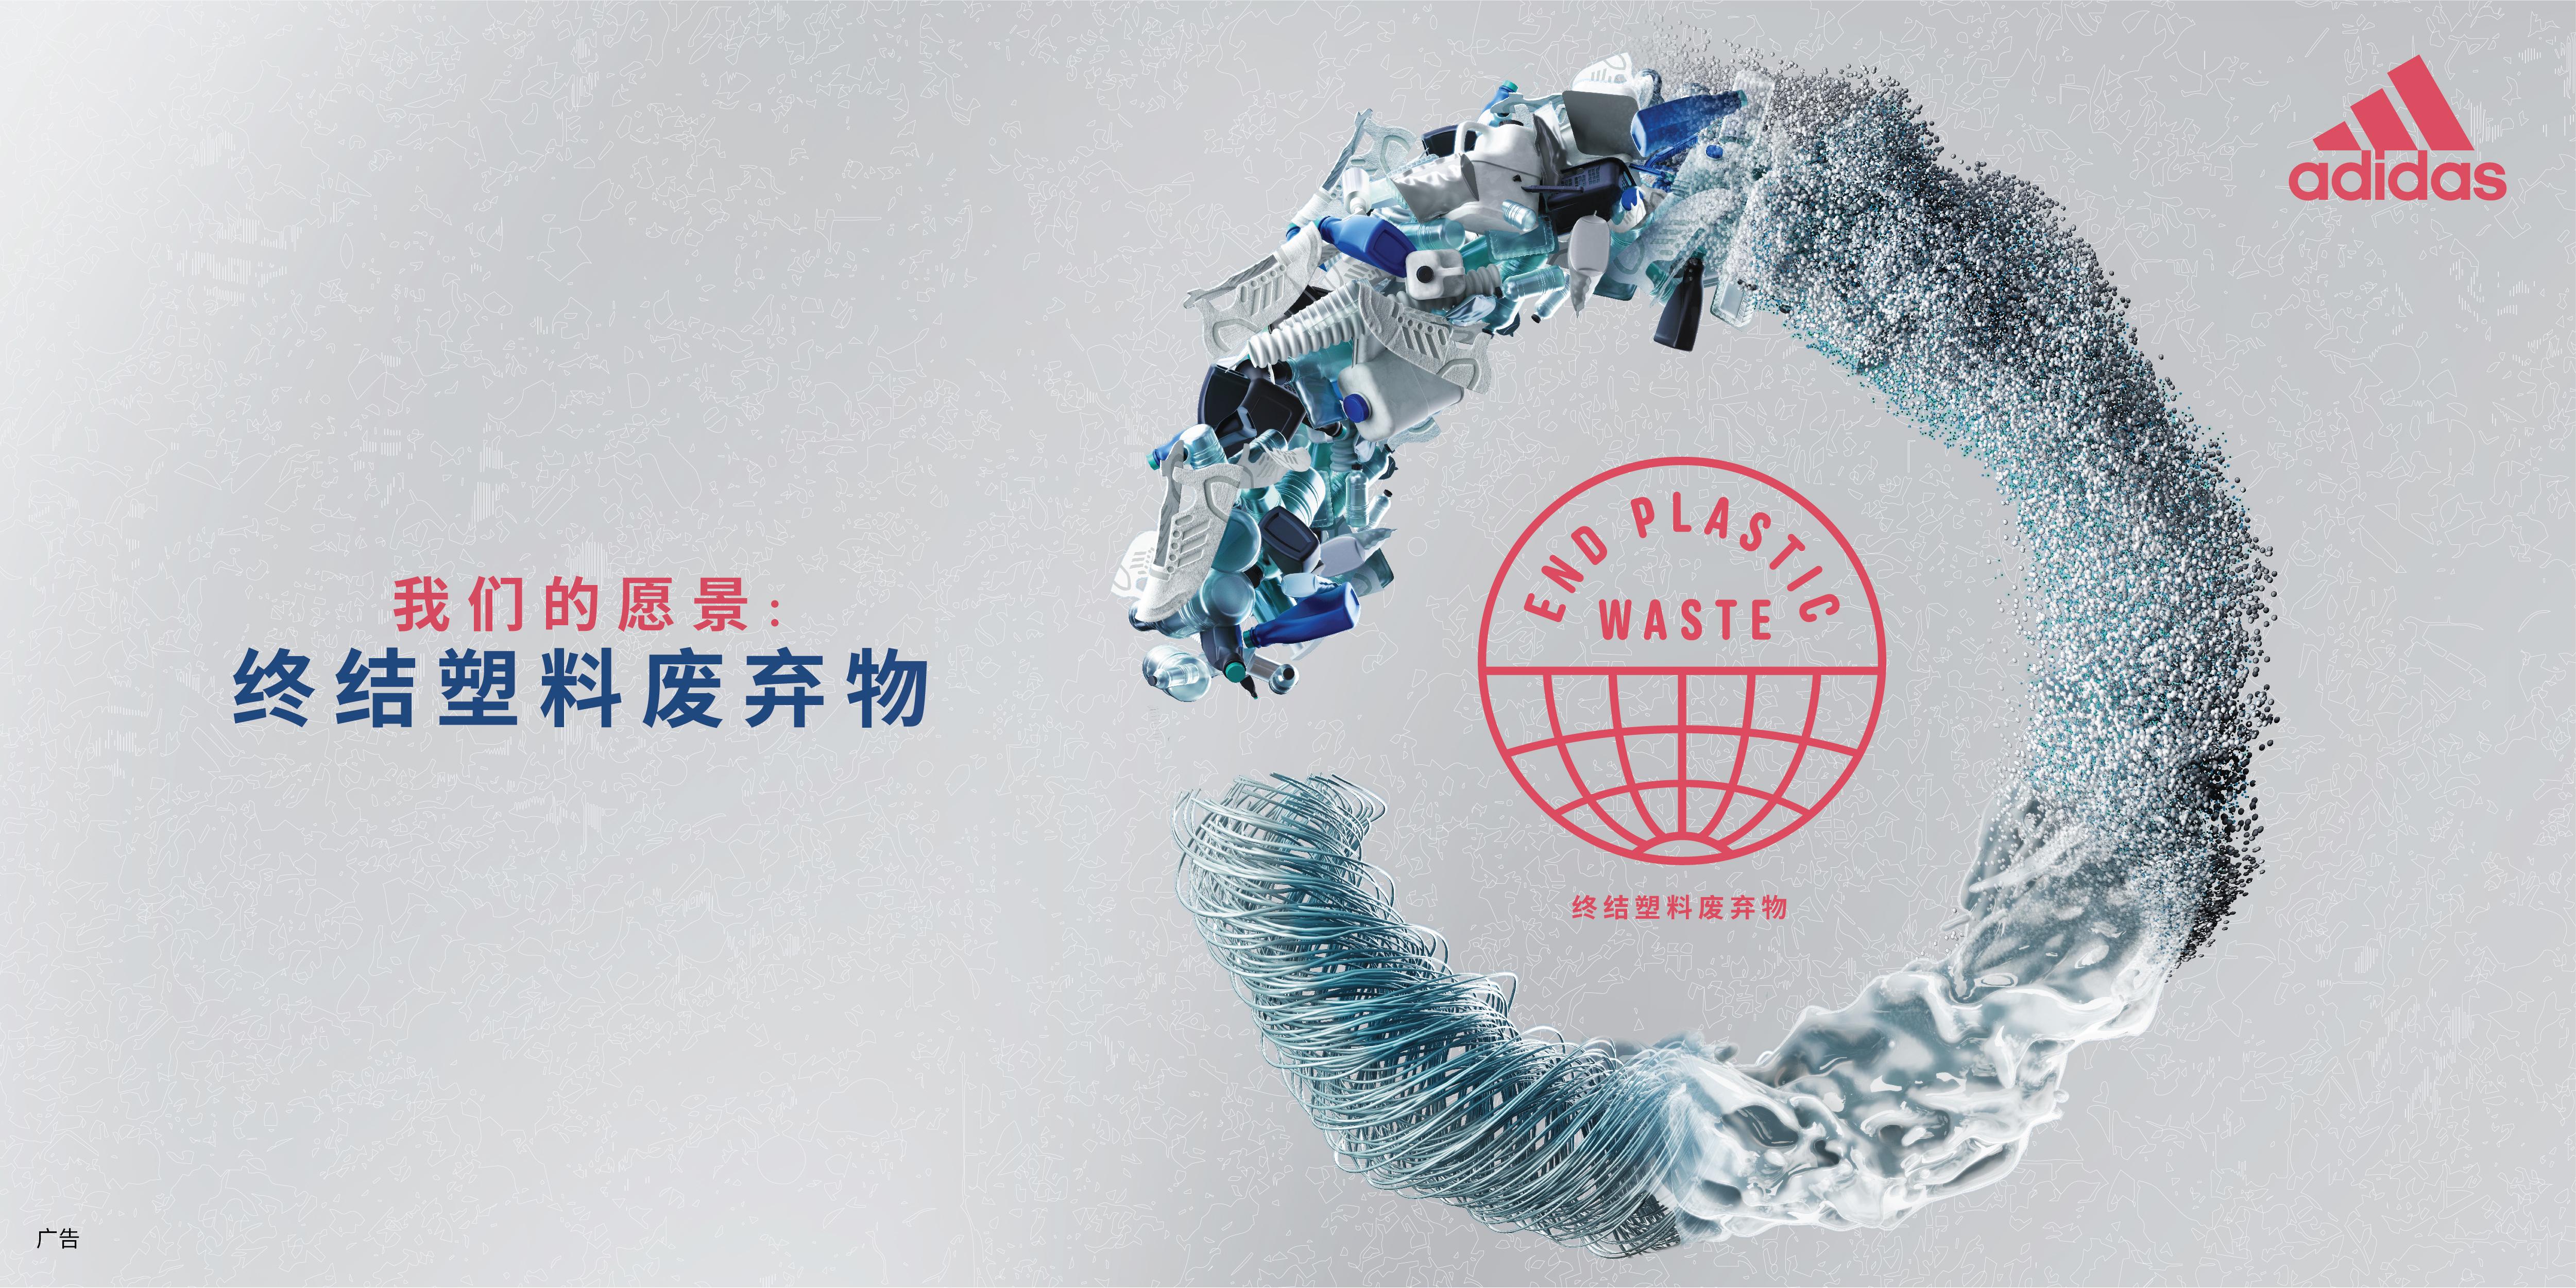 守护蔚蓝,净化未来,adidas联合多圈发起行动